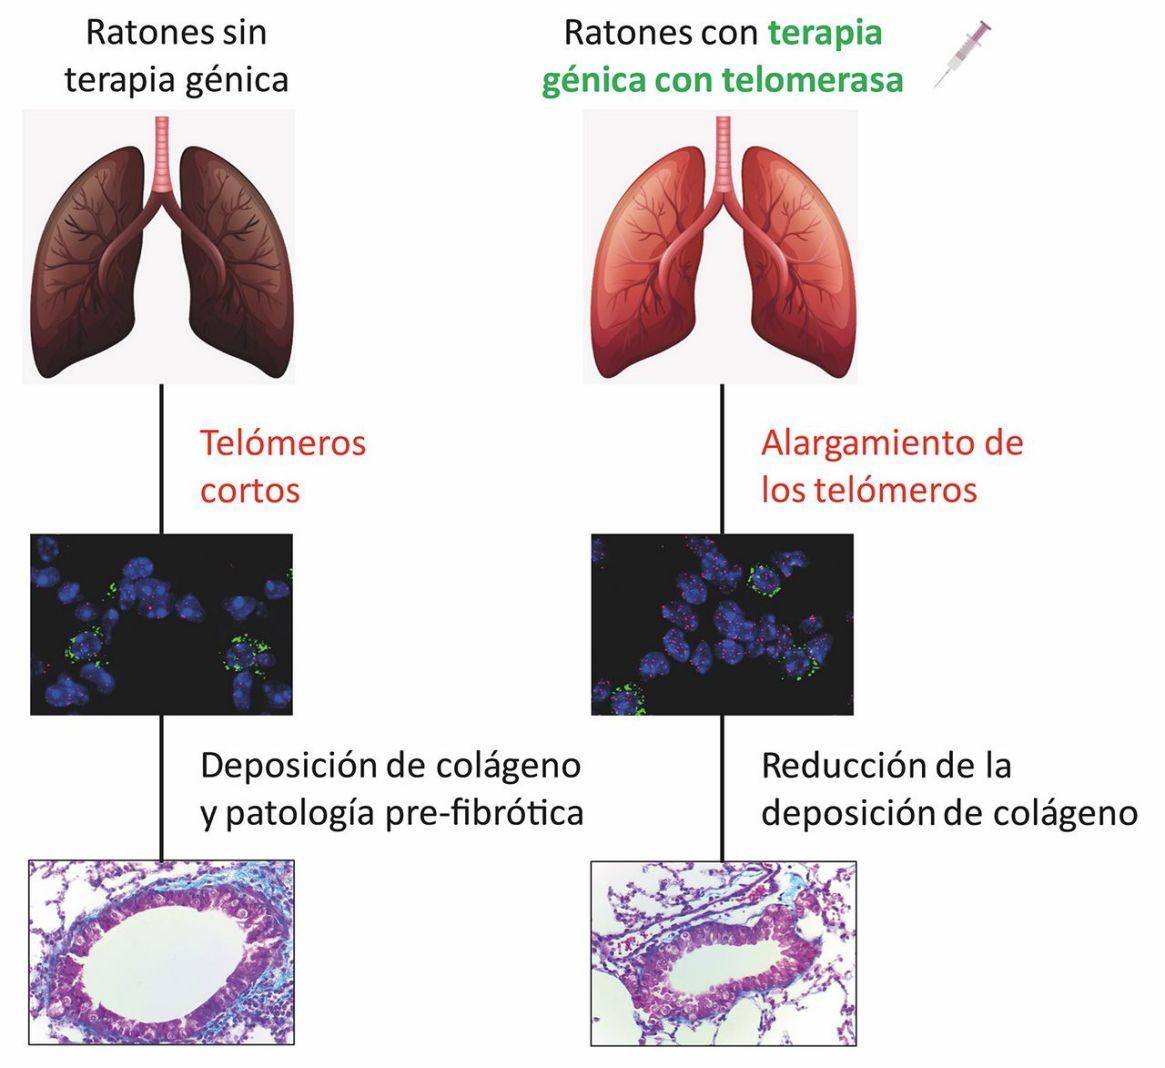 Terapia génica contra la fibrosis pulmonar asociada al envejecimiento